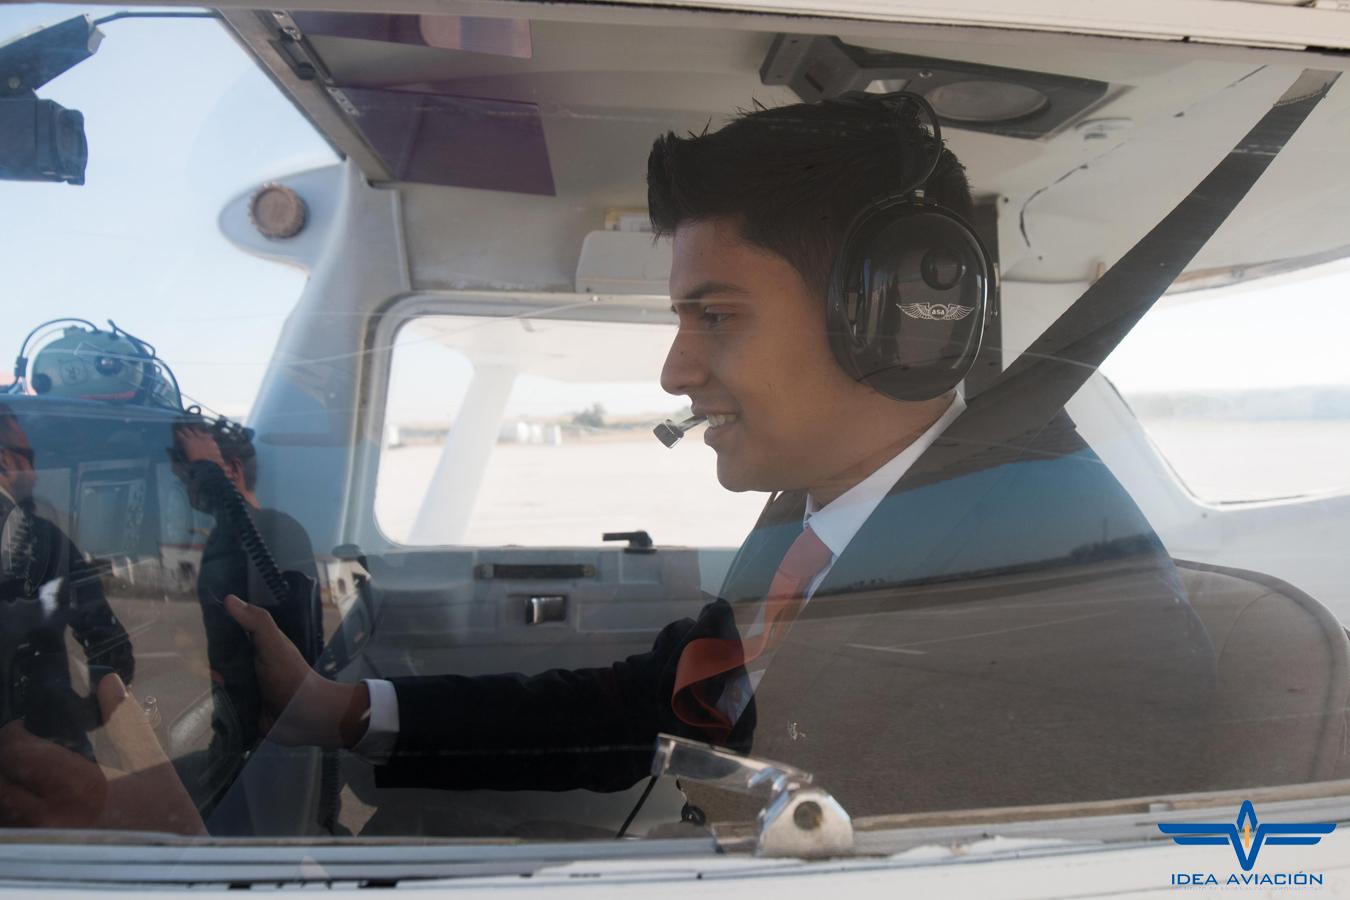 Idea_Aviacion_Curso_Auxiliar_Vuelo_Sevilla_Practicas_Vuelo_8